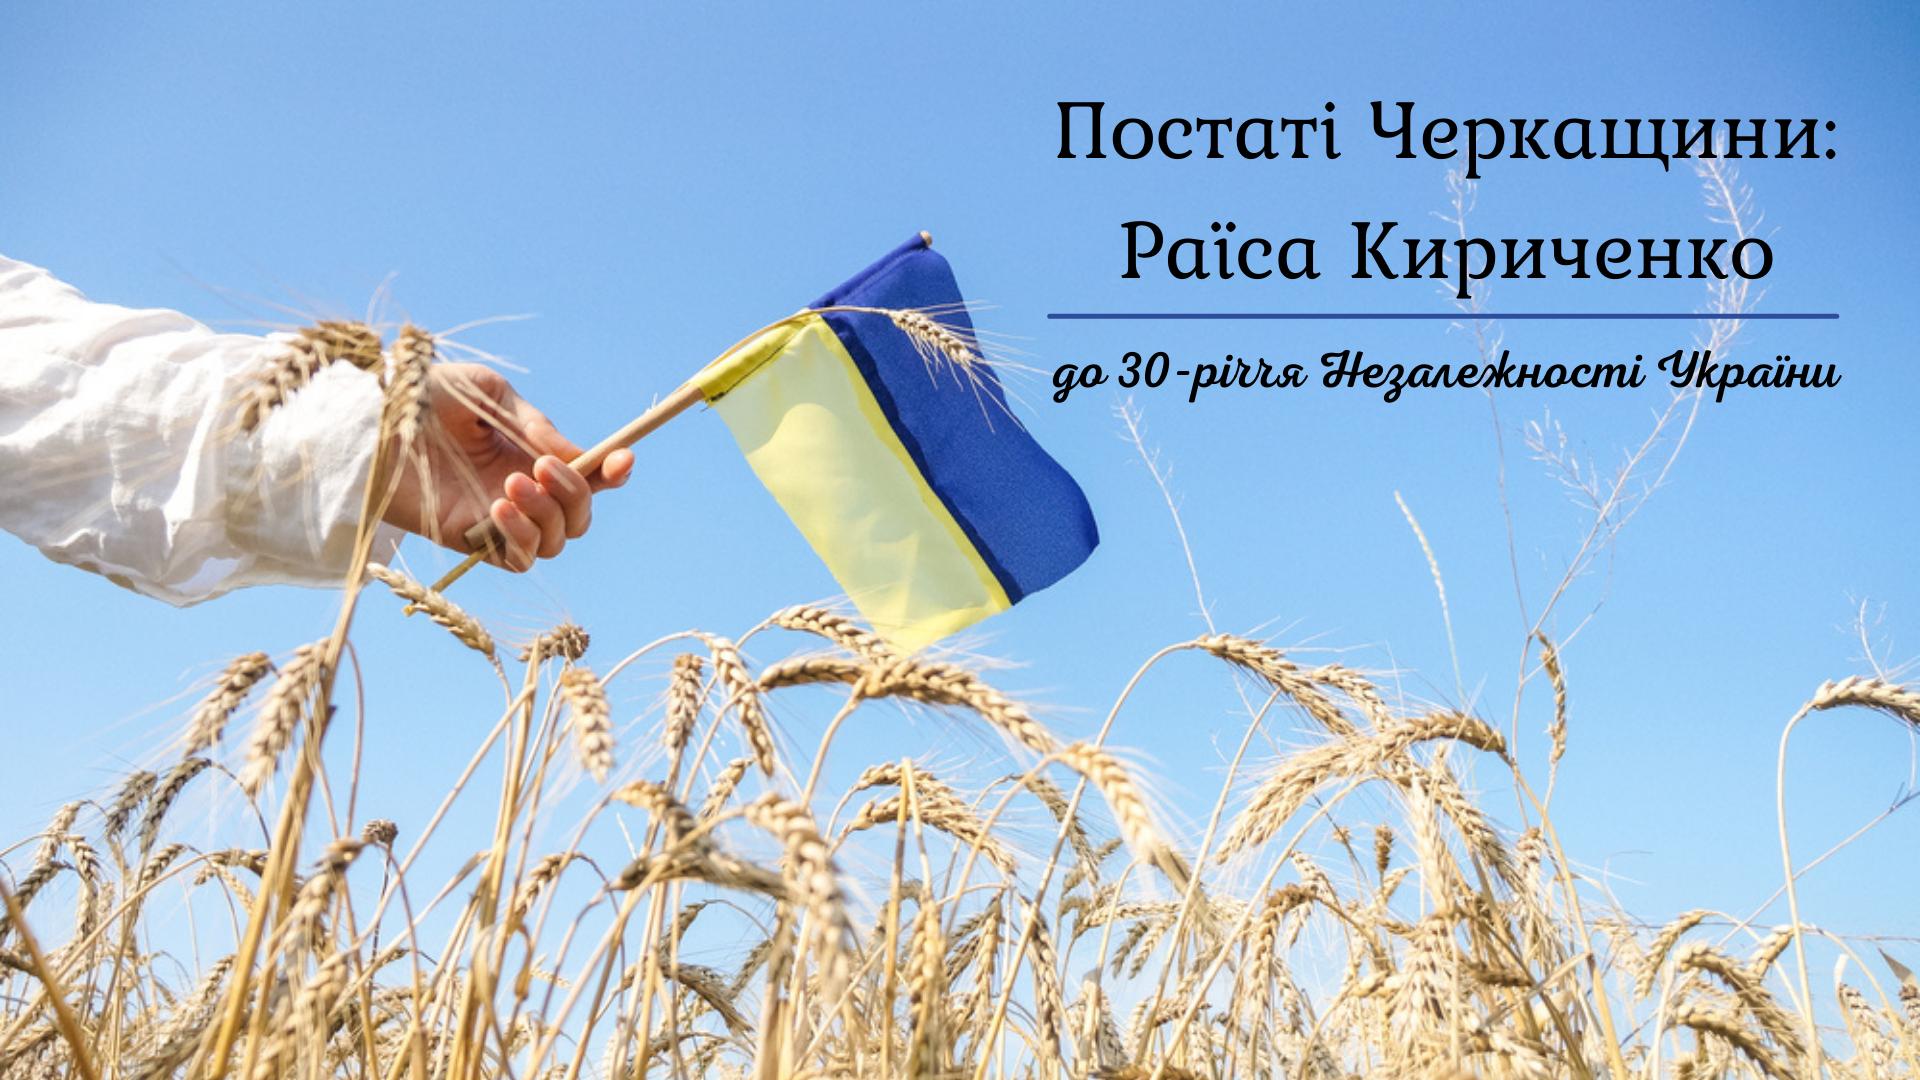 Постаті Черкащини: Раїса Кириченко. До 30-річчя Незалежності України